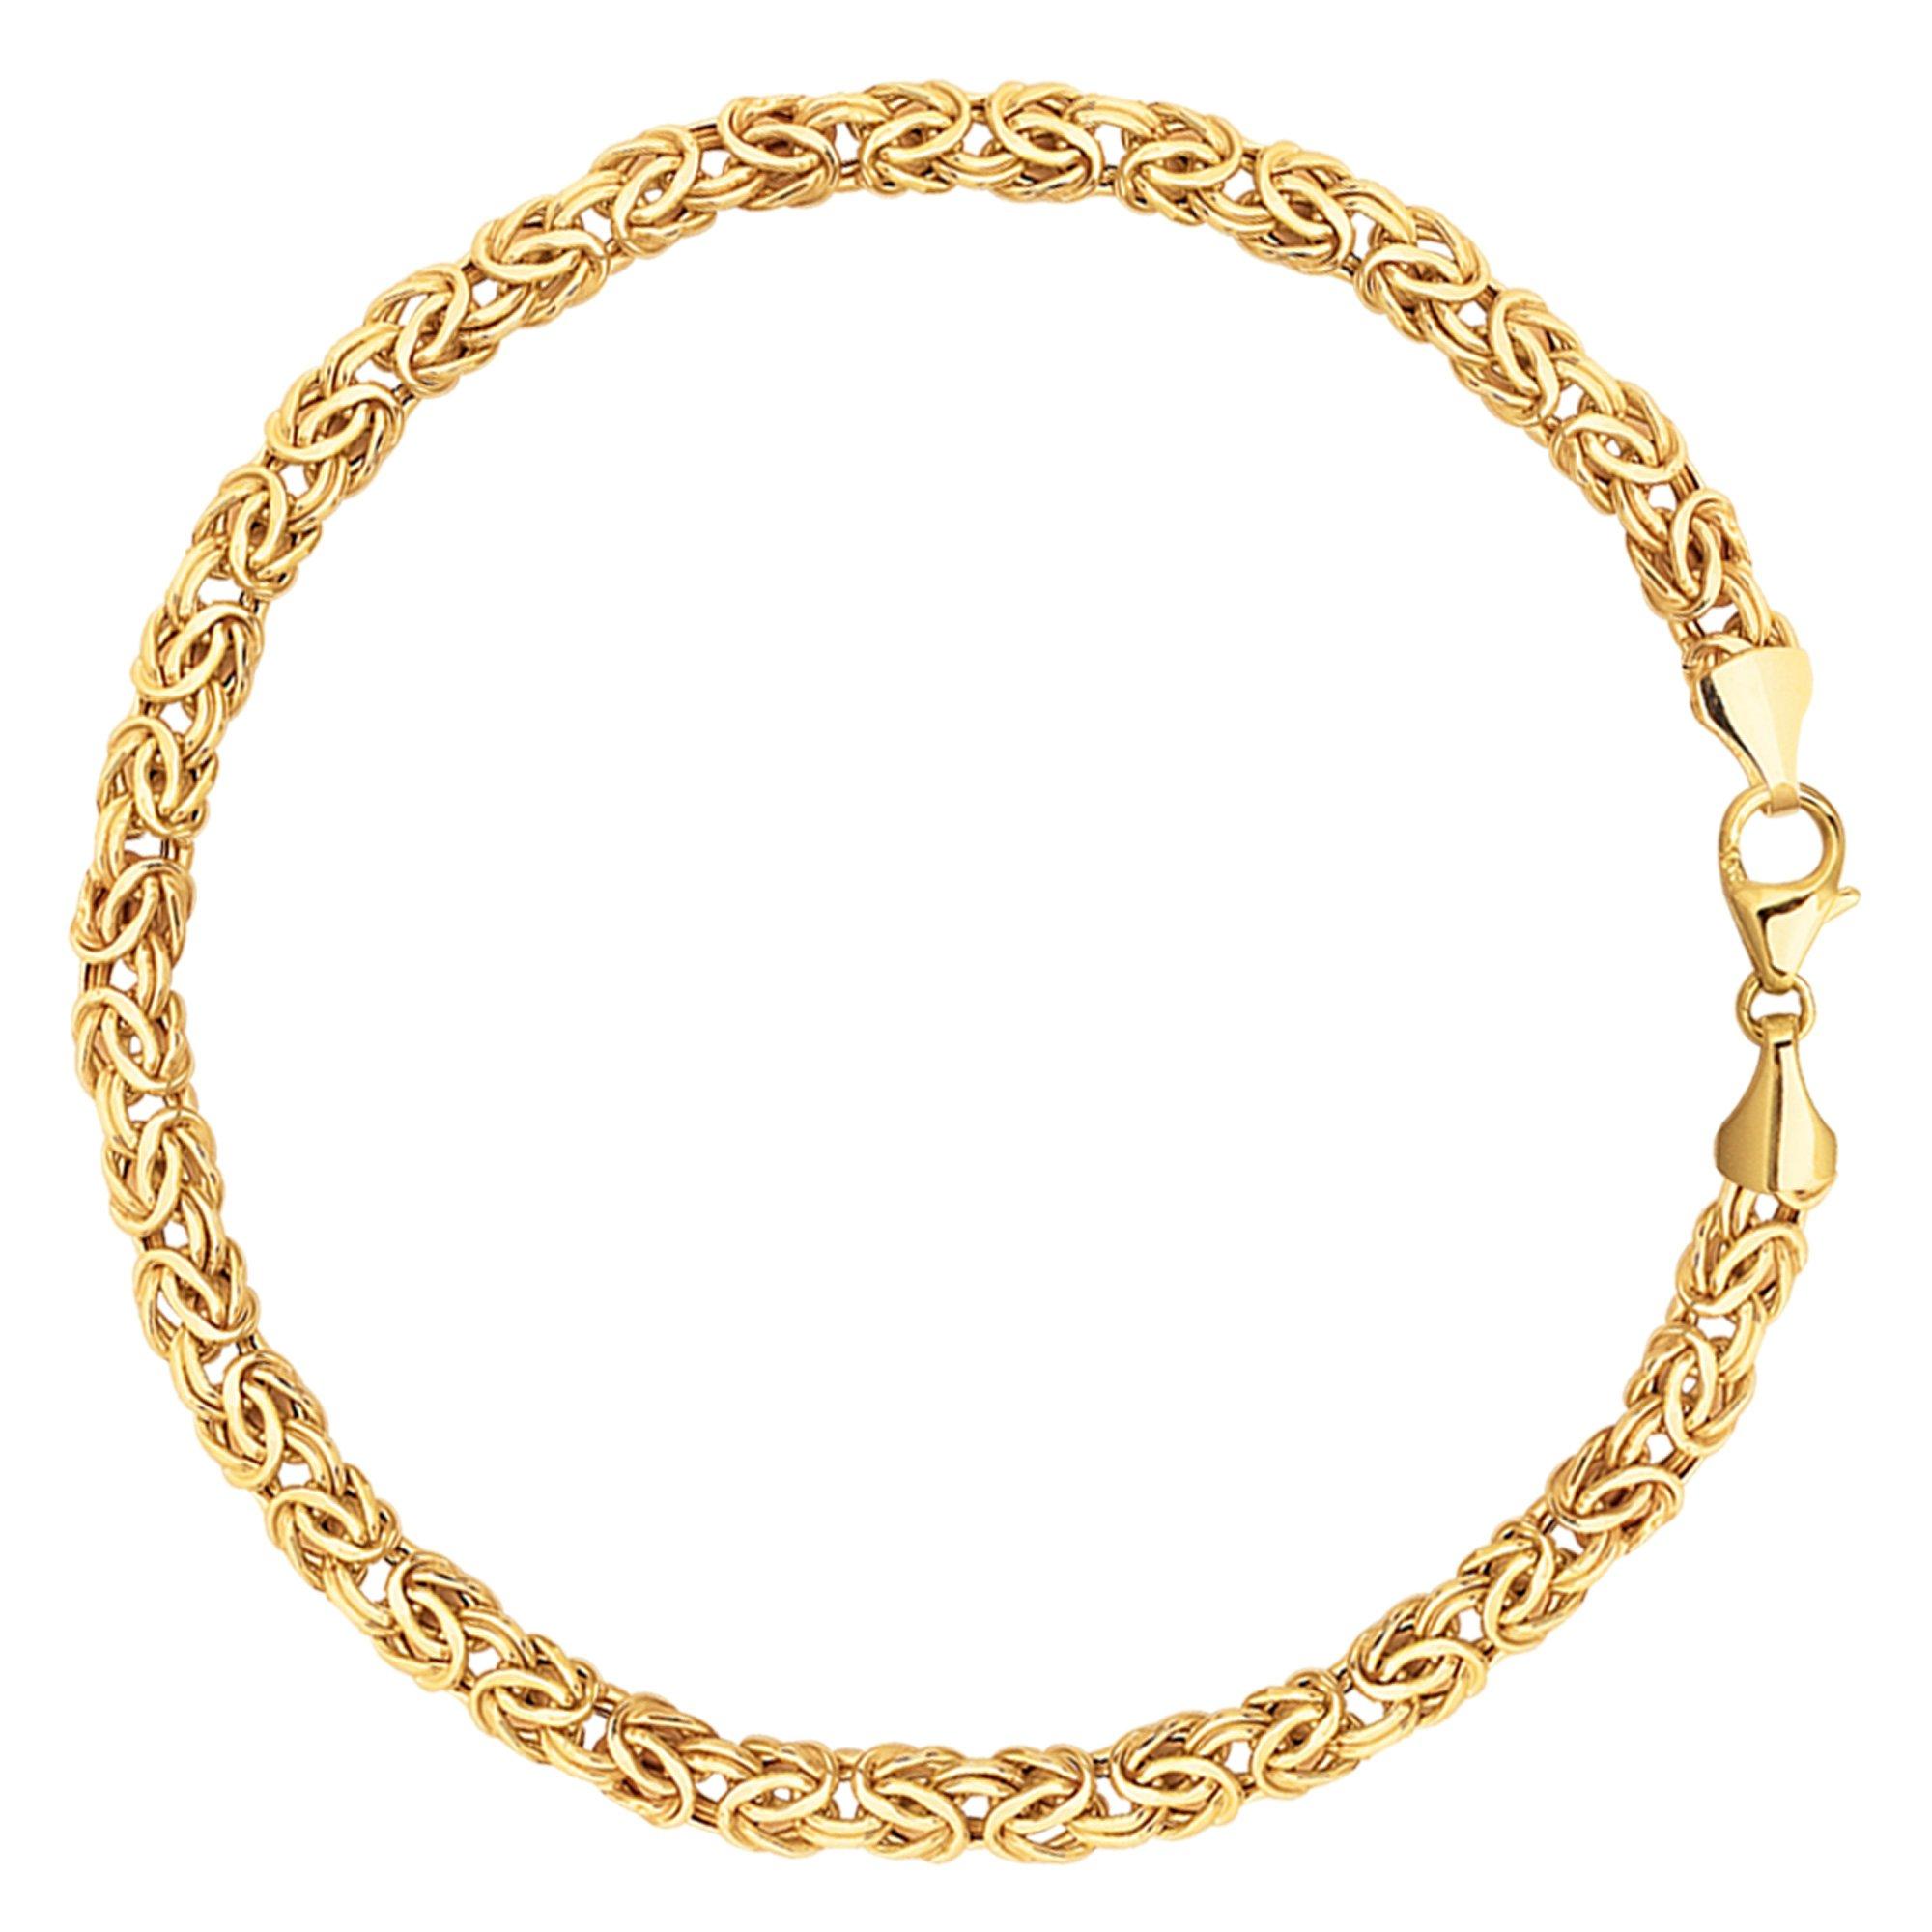 14K Yellow Gold Byzantine Style Link Bracelet, 7.25'' by JewelryAffairs